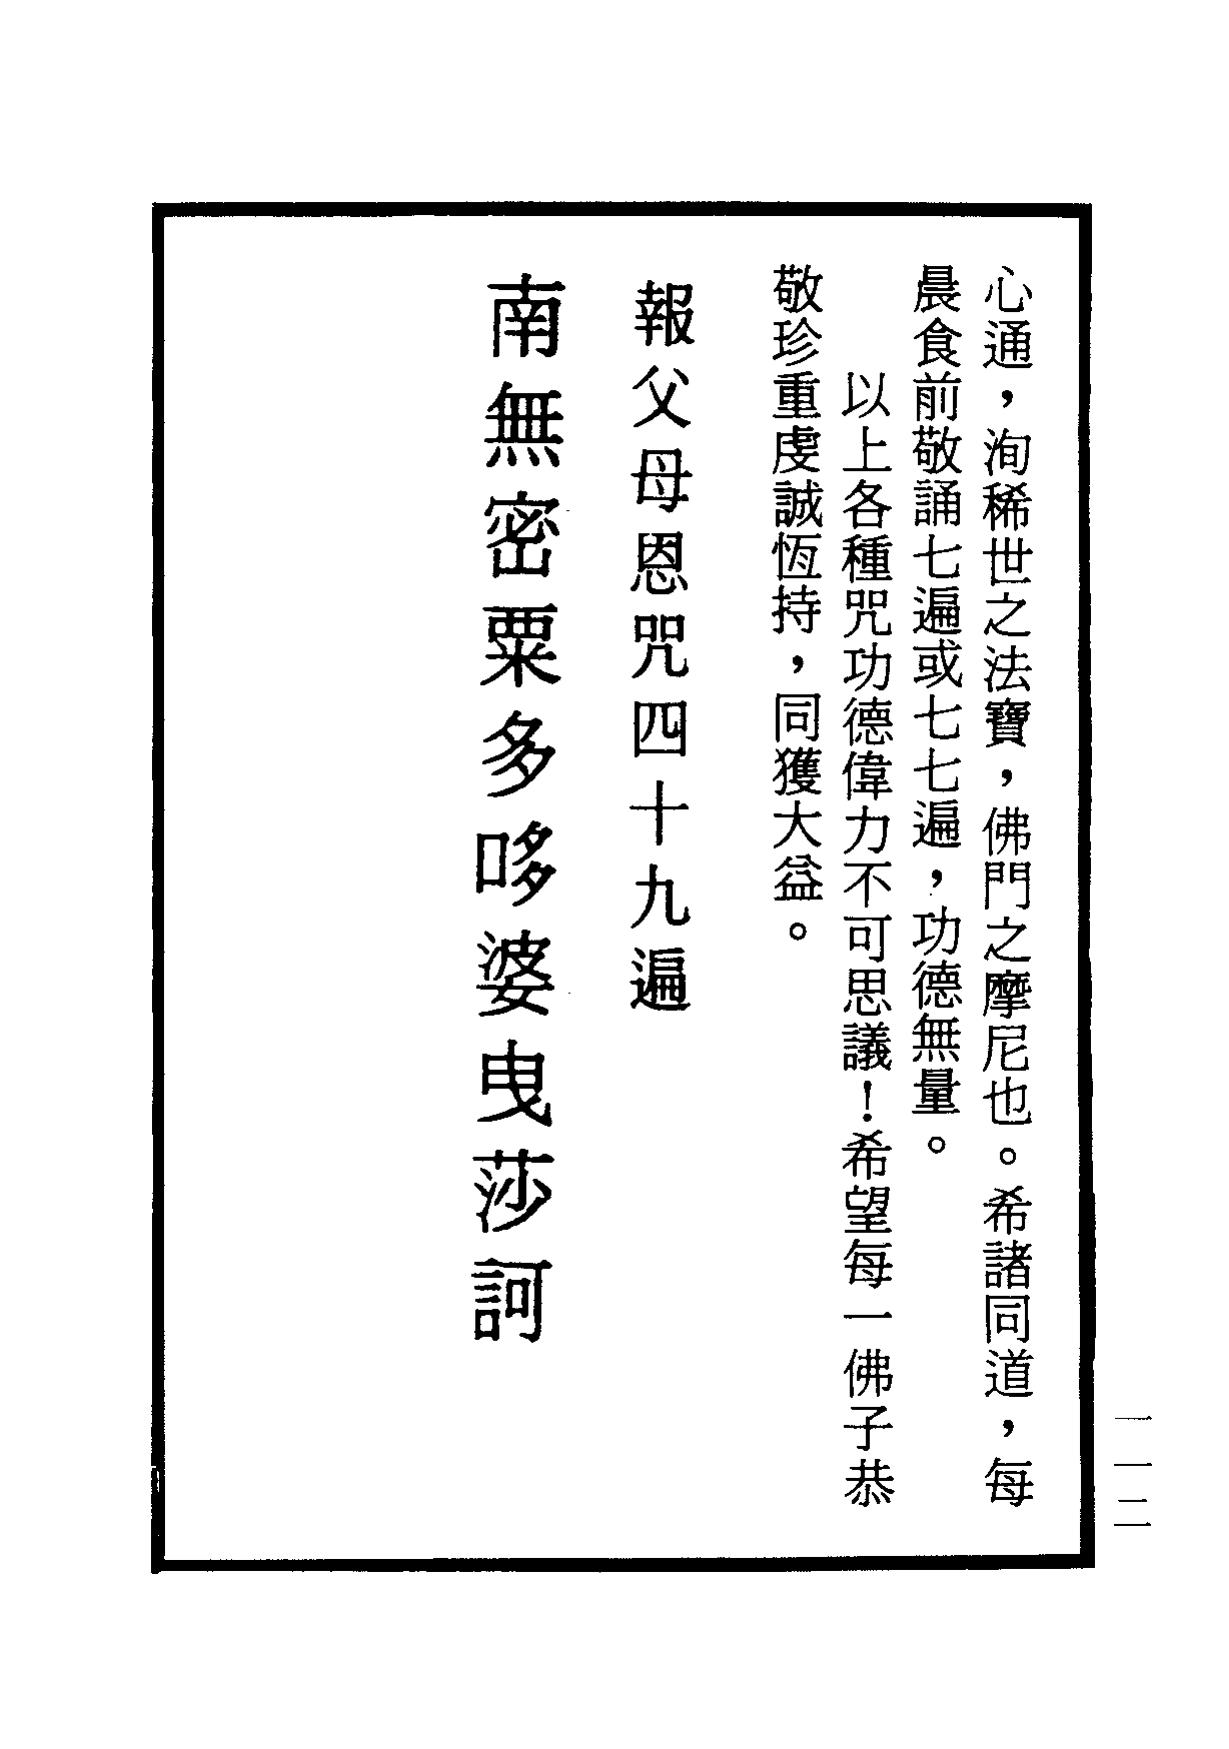 楞嚴咒-大悲咒-十小咒-易背本 118.png